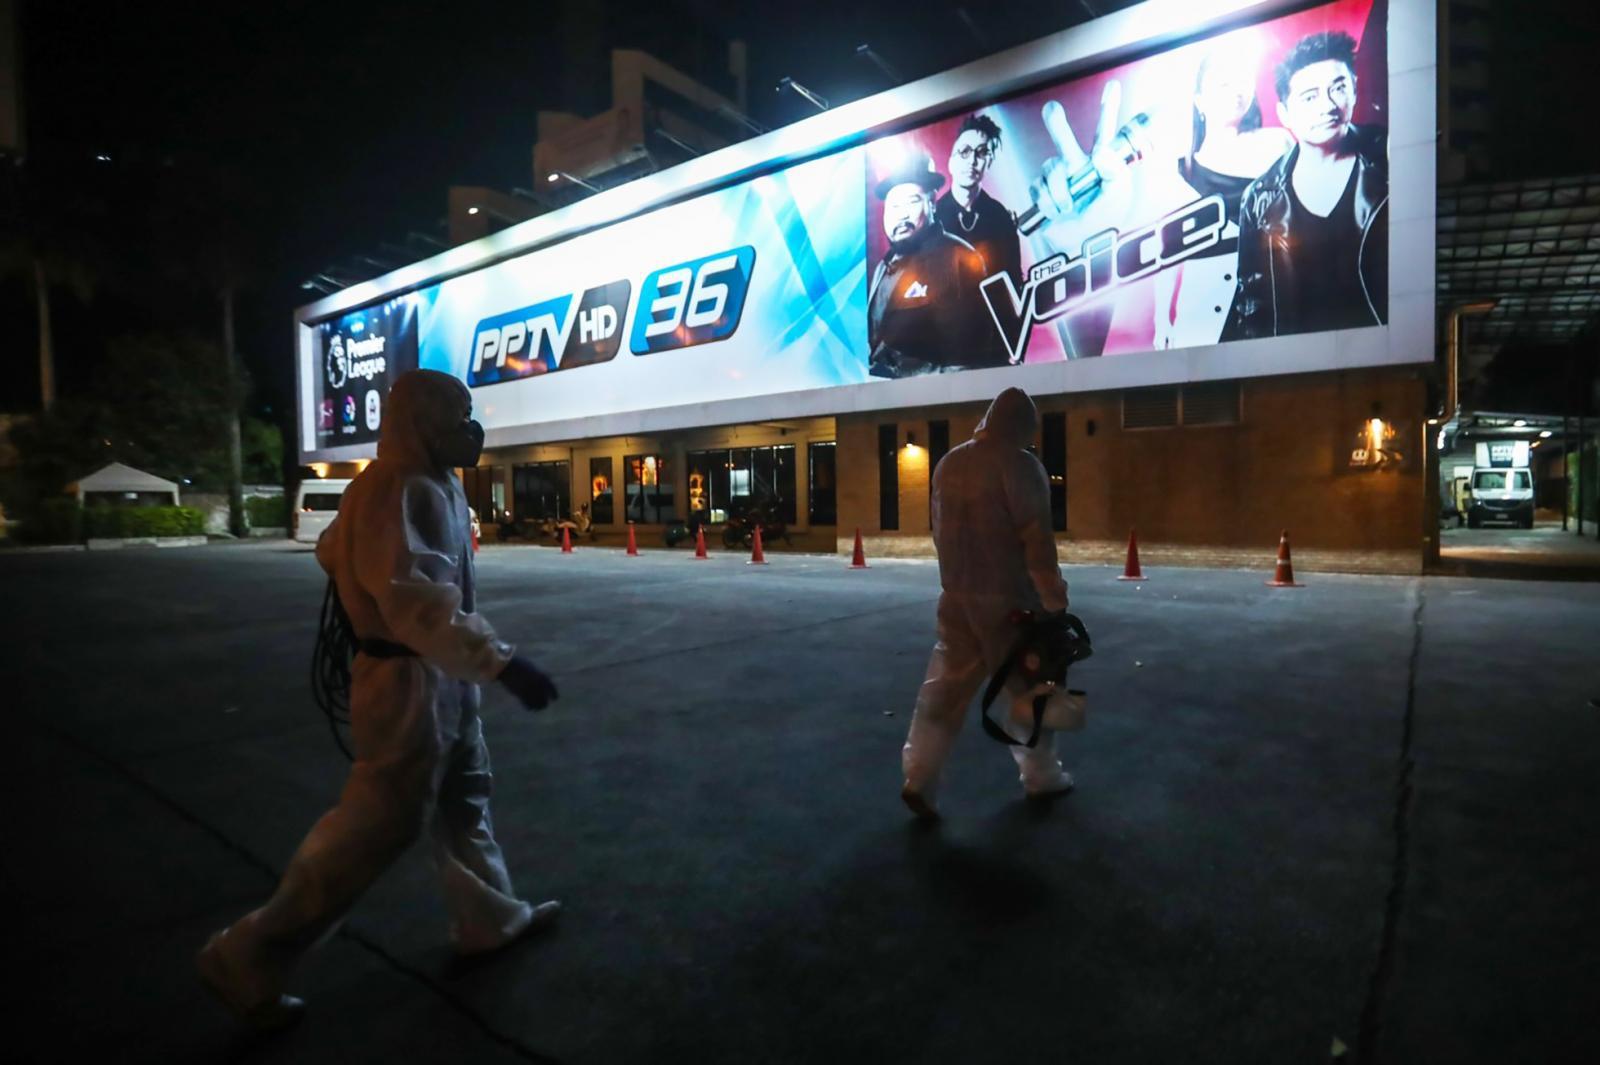 """""""พีพีทีวี"""" ยกระดับมาตรการป้องกันการแพร่ระบาด โควิด-19 เพื่อพนักงาน และผู้ที่เกี่ยวข้อง"""